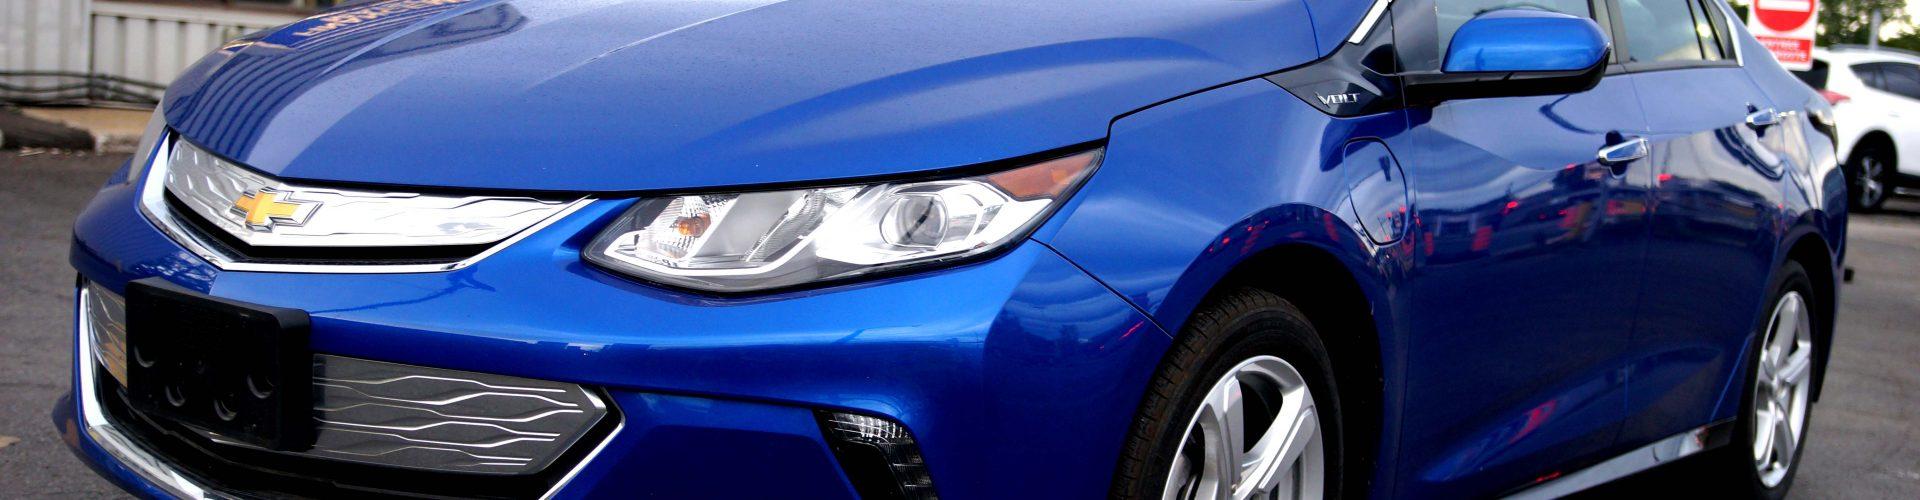 Chevrolet Volt LT 2017, 45 267 Km – Seulement 20 750 $  – VENUDE